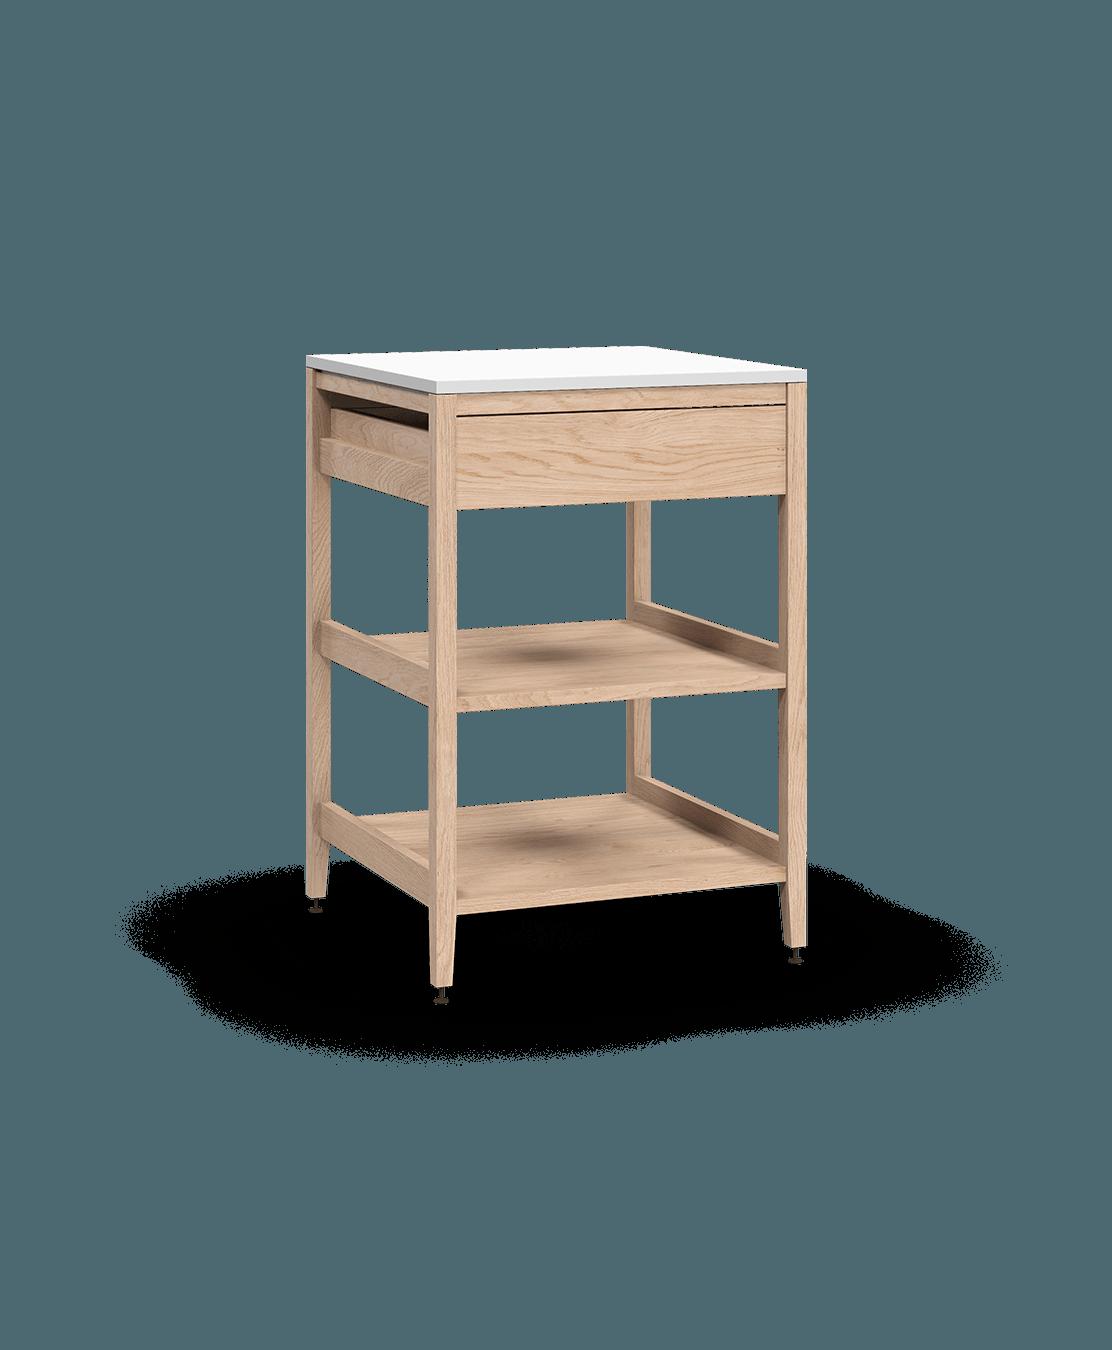 armoire de cuisine modulaire inférieure en bois massif coquo radix avec 2 tablettes en bois 1 tiroir chêne blanc 24 pouces C1-C-24SBW-102W1-NA